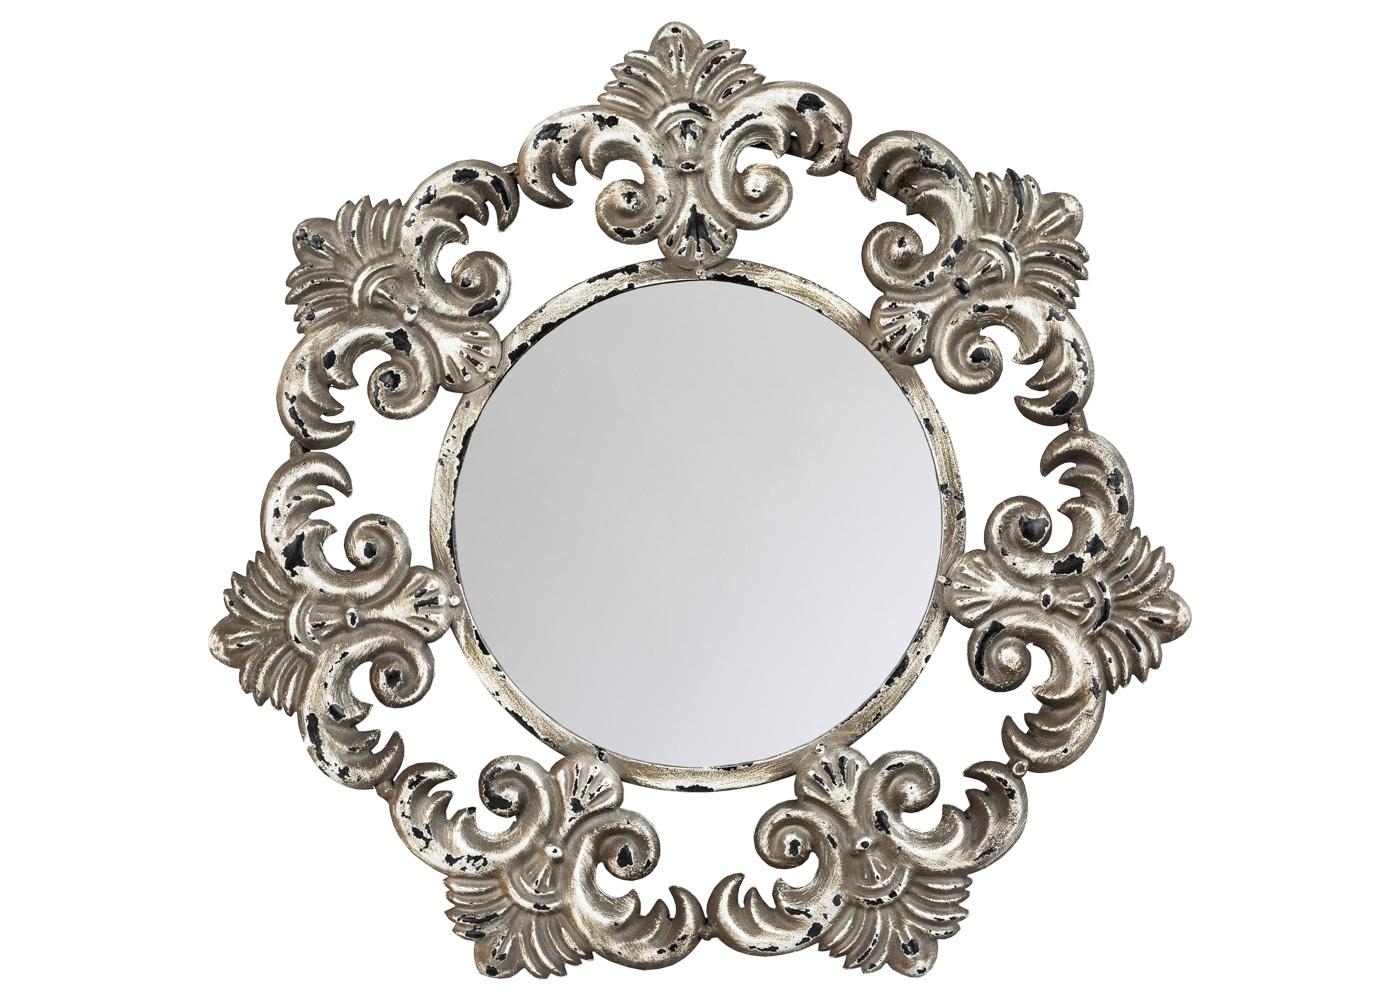 Настенное зеркало «Монришар»Настенные зеркала<br>Зеркало Монришар - баловень дизайнерской фантазии, наградившей его массой позитивных прототипов. Романтикам и оптимистам на выбор предлагаются образы солнца и звезды, цветка и снежинки, а также королевских лилий, пышно расцветающих в каждой вершине этого удивительного семиугольника. Обладая оптимальным размером, зеркало Монришар уверенно займет место в любом из домашних помещений: ванной комнате, спальне, гостиной, столовой, прихожей, холле.<br><br>kit: None<br>gender: None